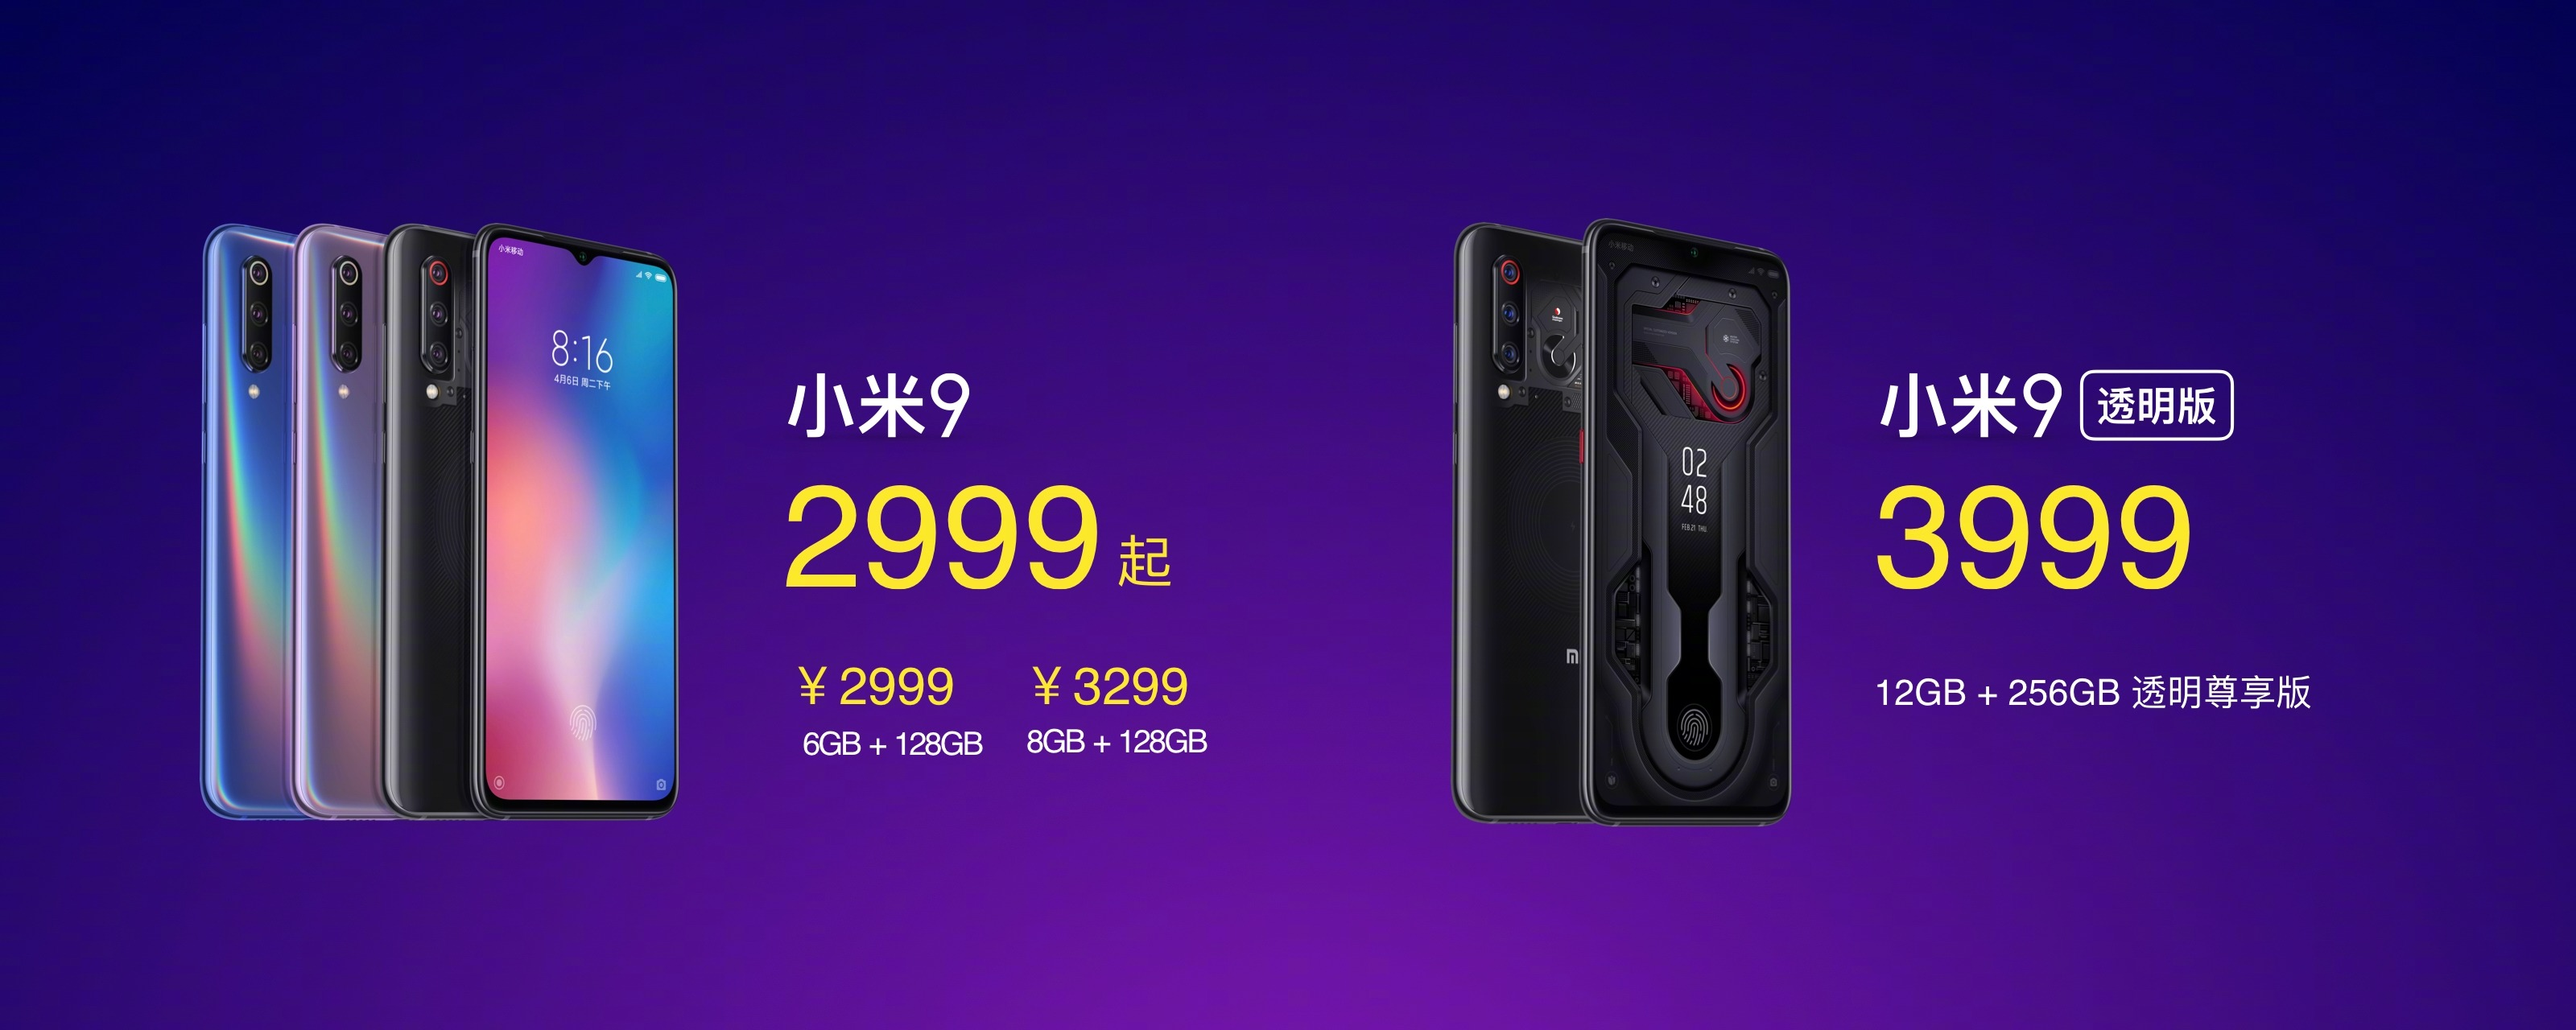 Xiaomi представила свой новый флагман Xiaomi Mi 9